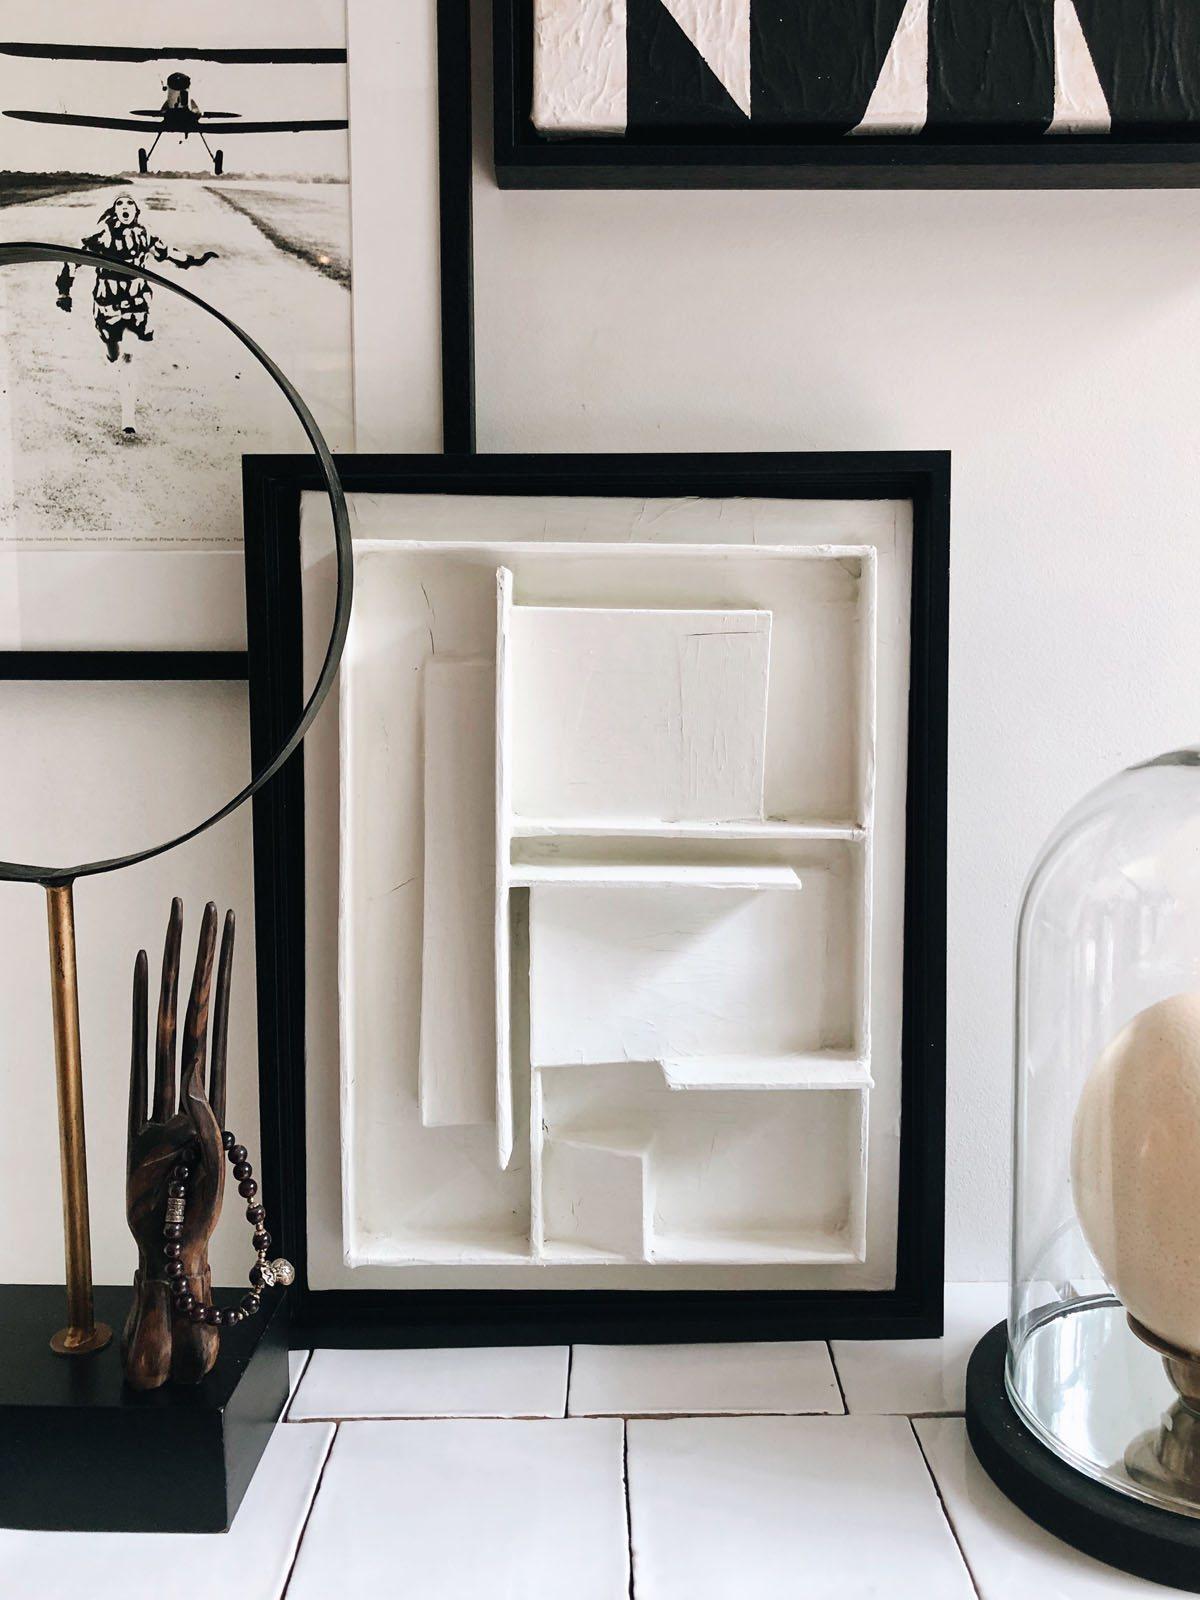 White Square S Interior